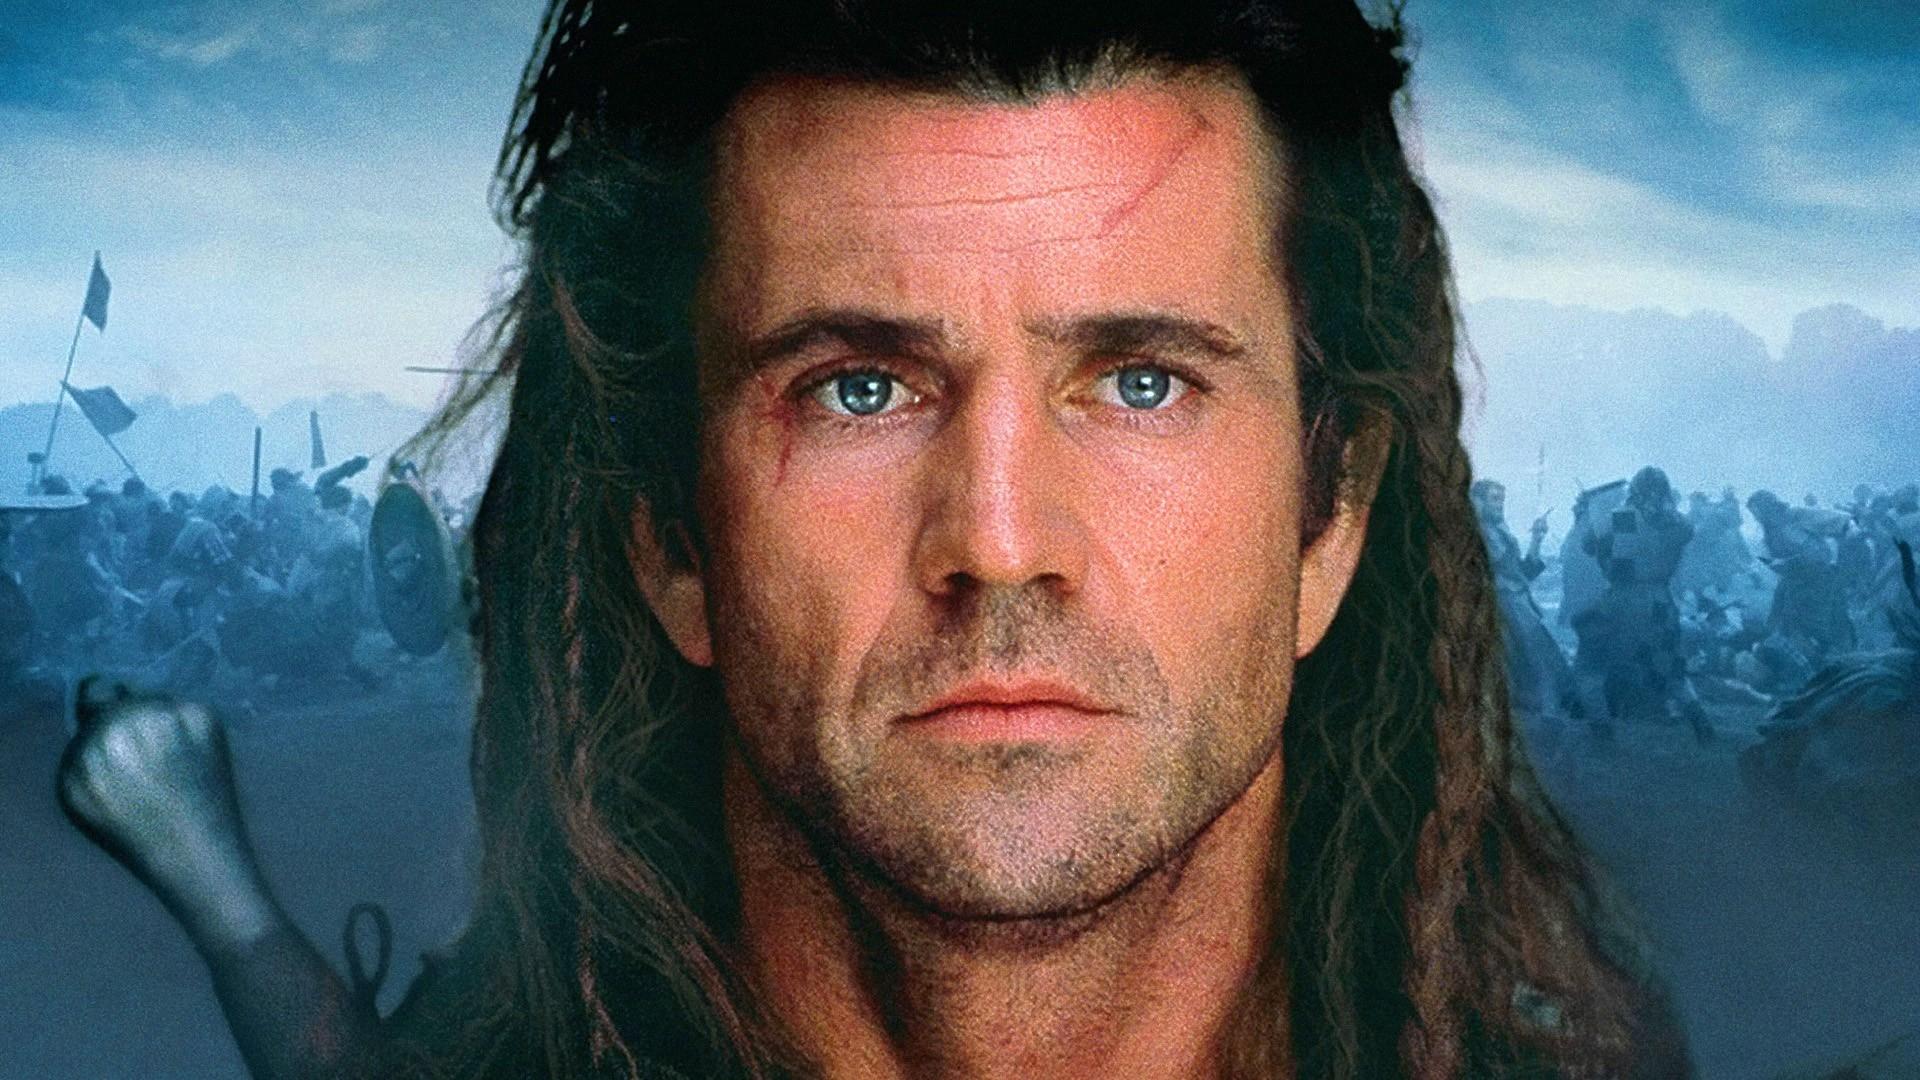 Mel Gibson wallpaper 1920x1080 63882 1920x1080